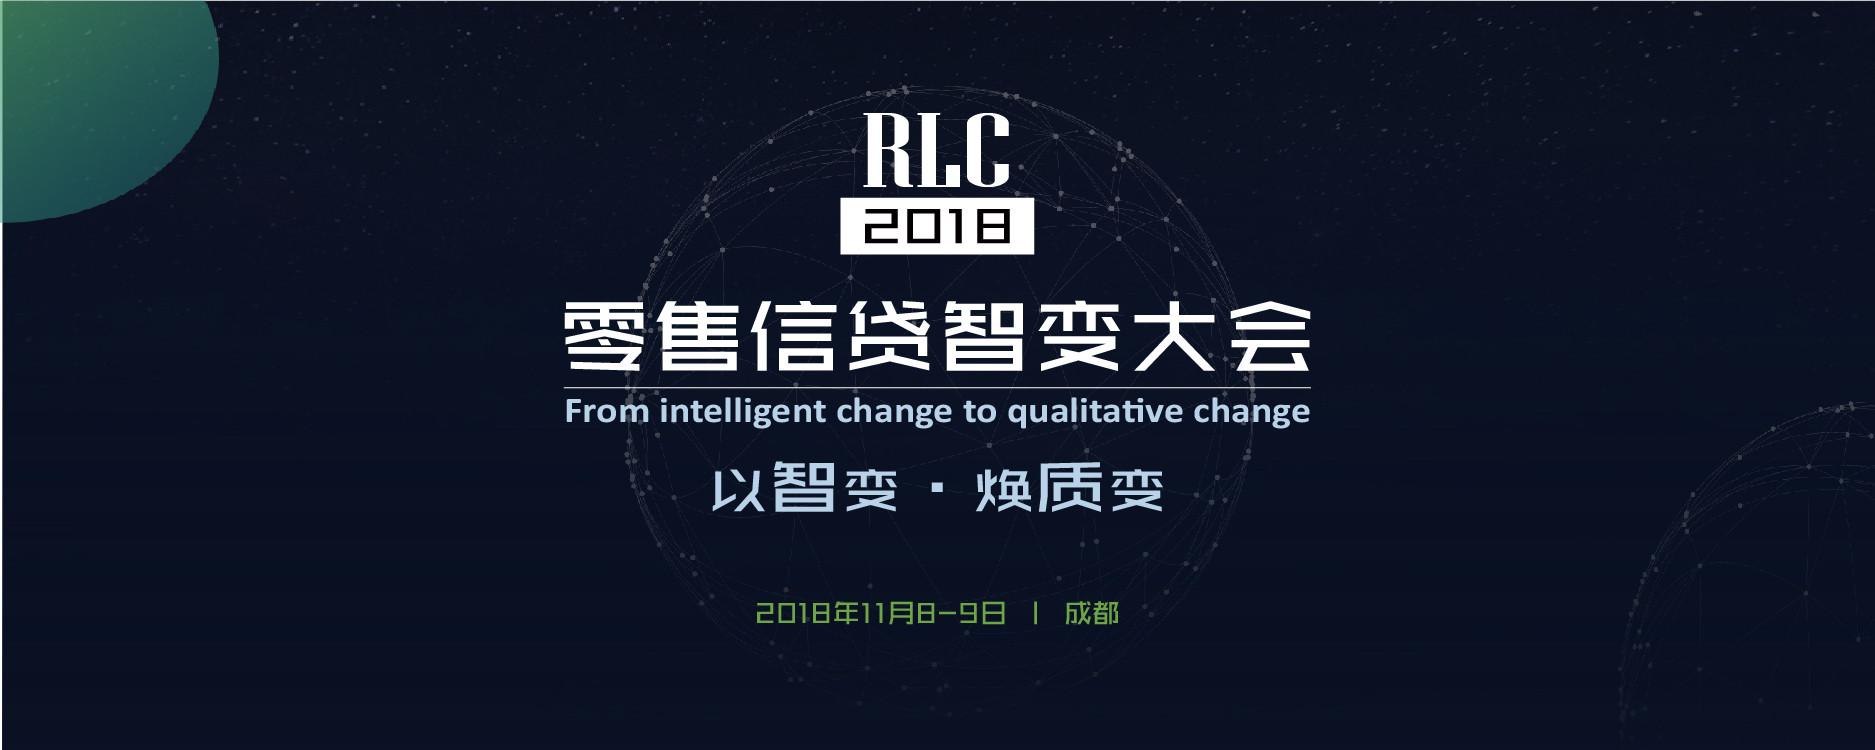 """2018零售信貸""""智""""變大會(11月8-9日丨成都)"""